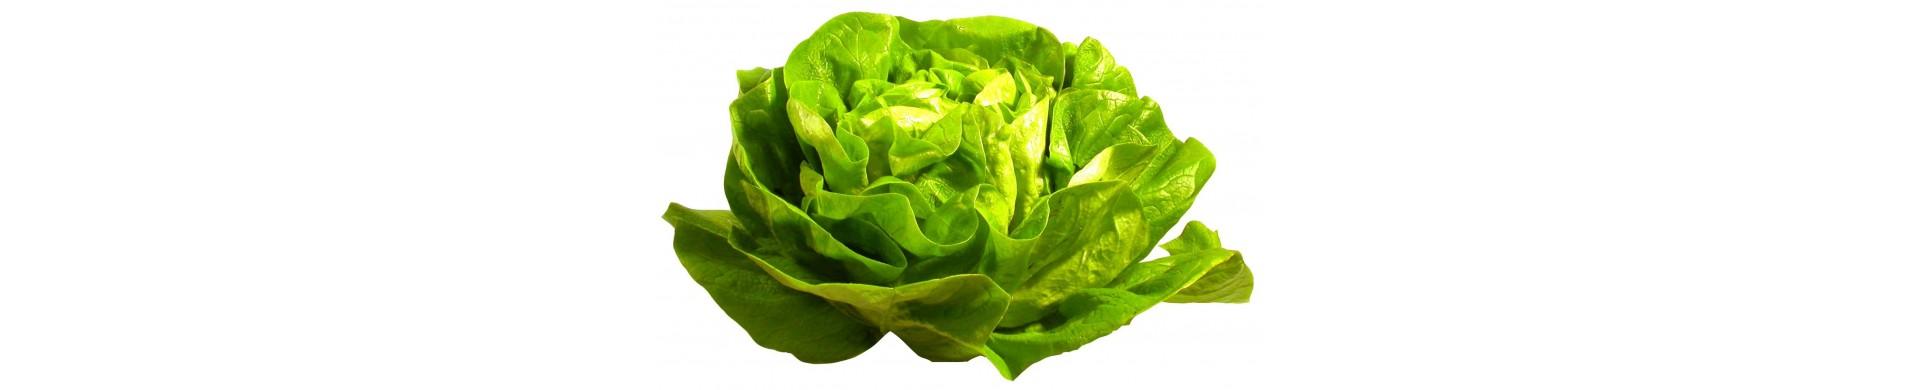 Plant lettuce - Complicate lettuce plants